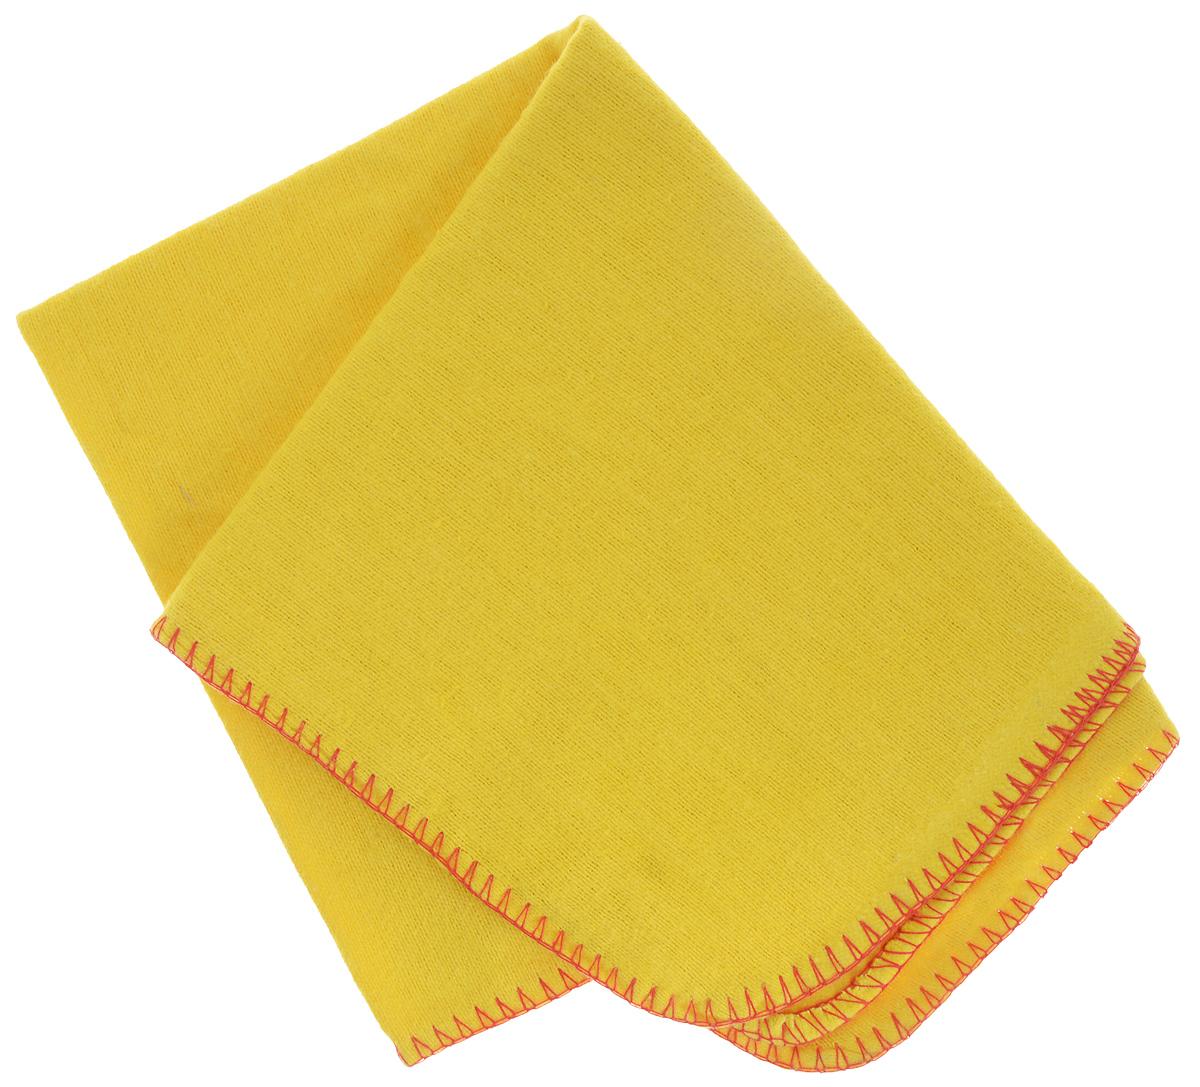 Ткань полировальная Doctor Wax, для профессиональной чистки и полировки кузова, 60 x 35 смDW 8677Салфетка Doctor Wax, выполненная из 100% хлопка, предназначена для чистки и полировки кузова. Впитывает остатки воска и полироли, обеспечивает сияющий и глубокий блеск без царапин, полос и разводов.